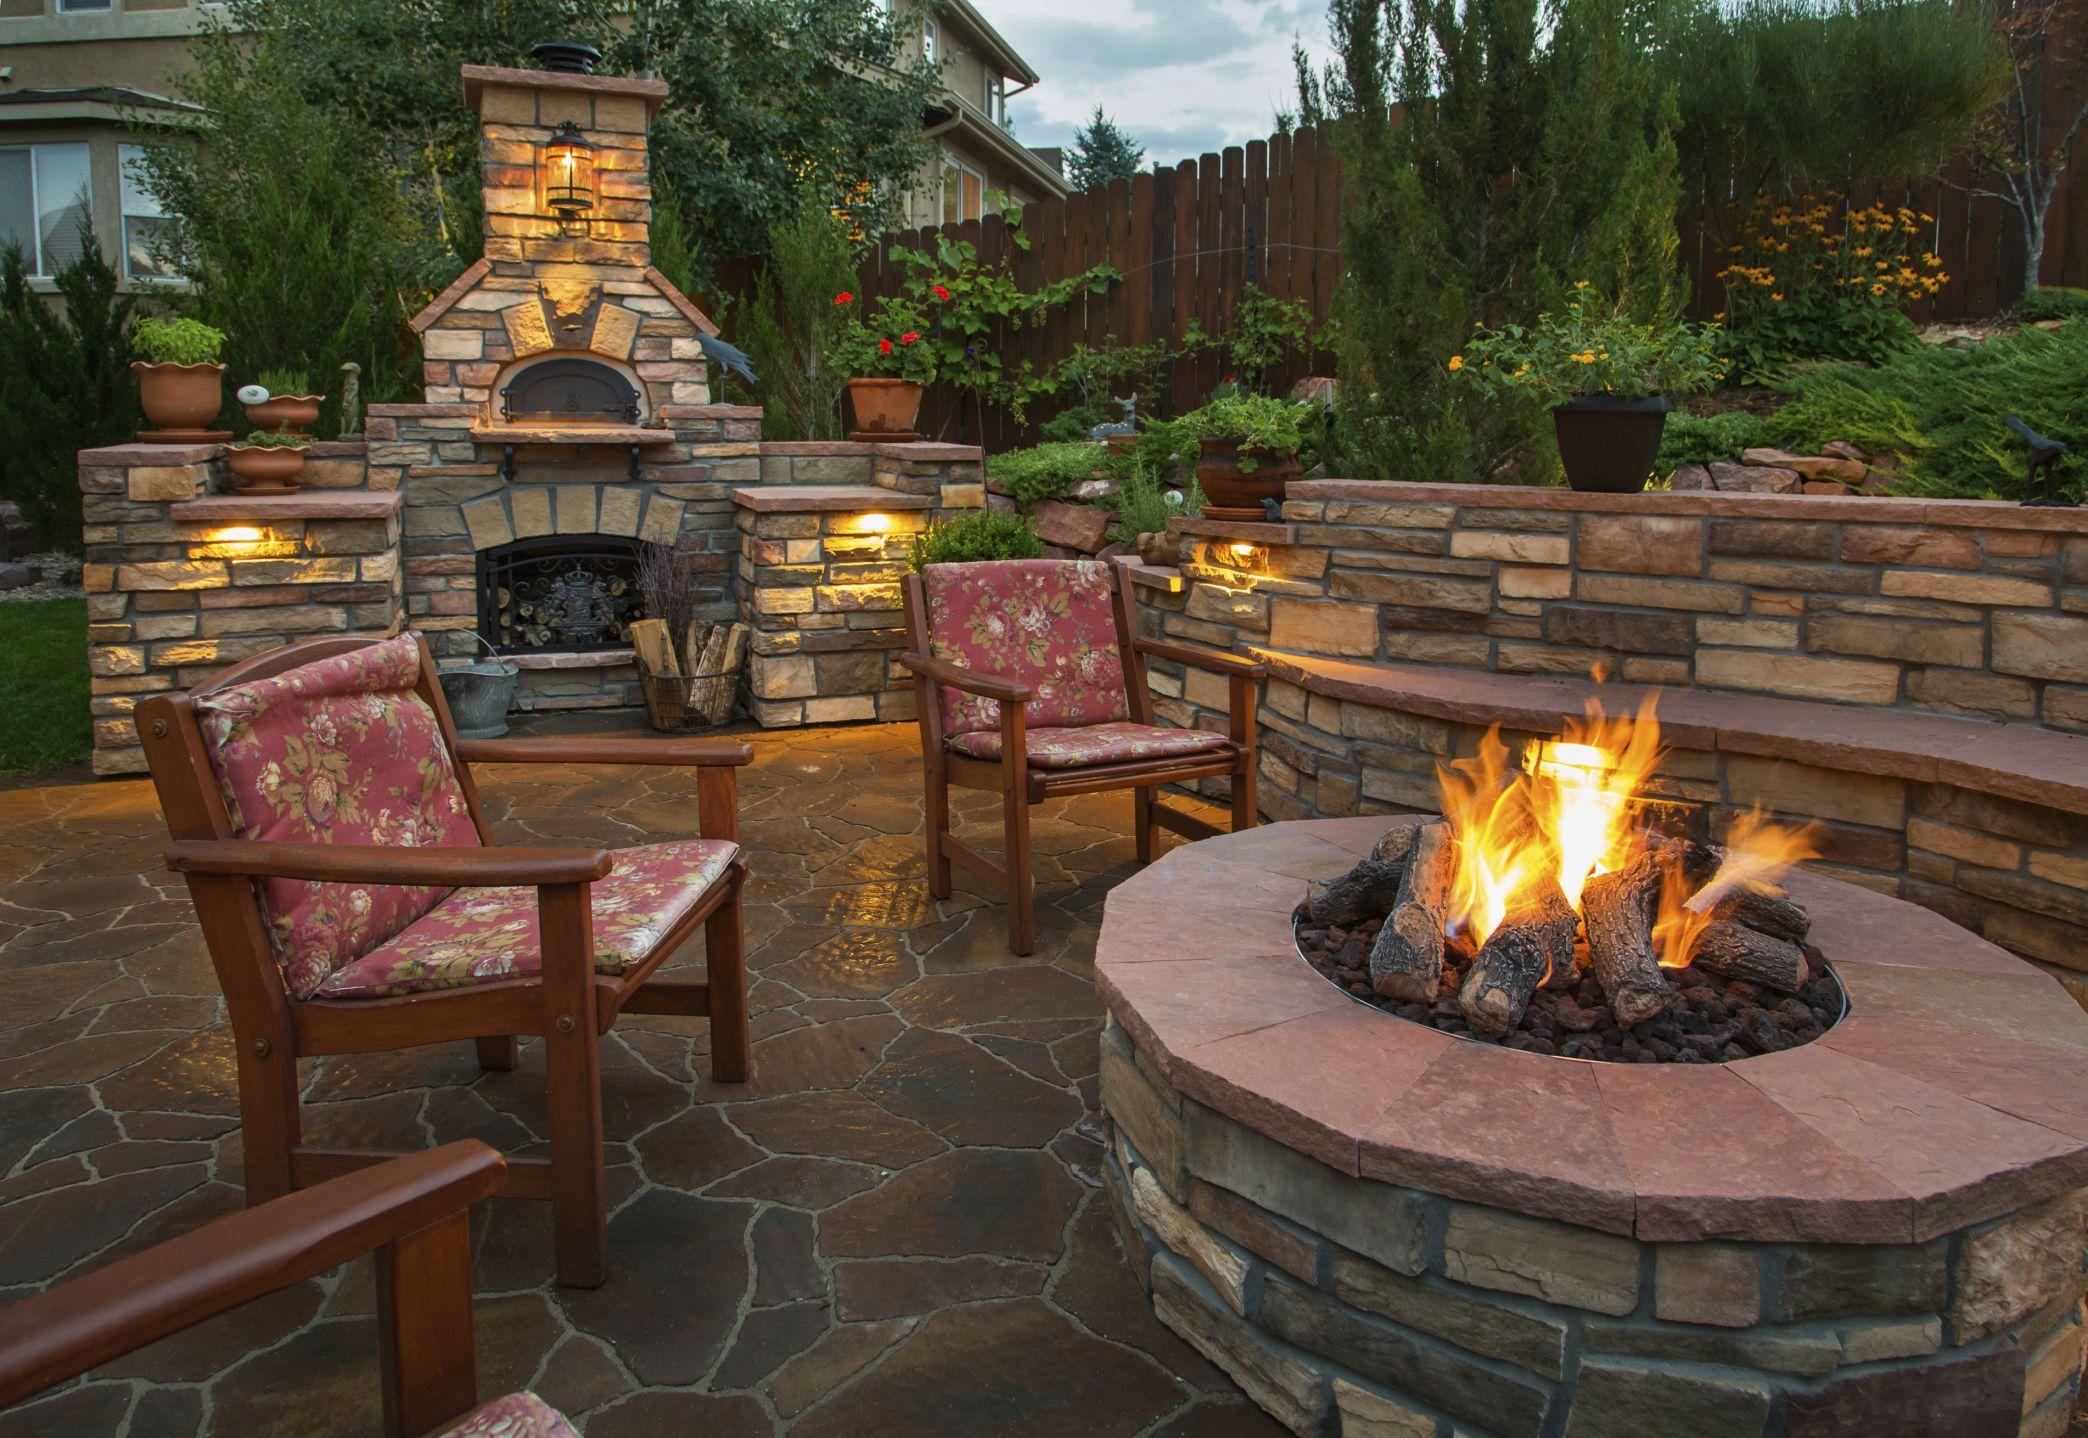 feuerstelle ziegelsteine - google-suche | backyard oasis, Gartenarbeit ideen